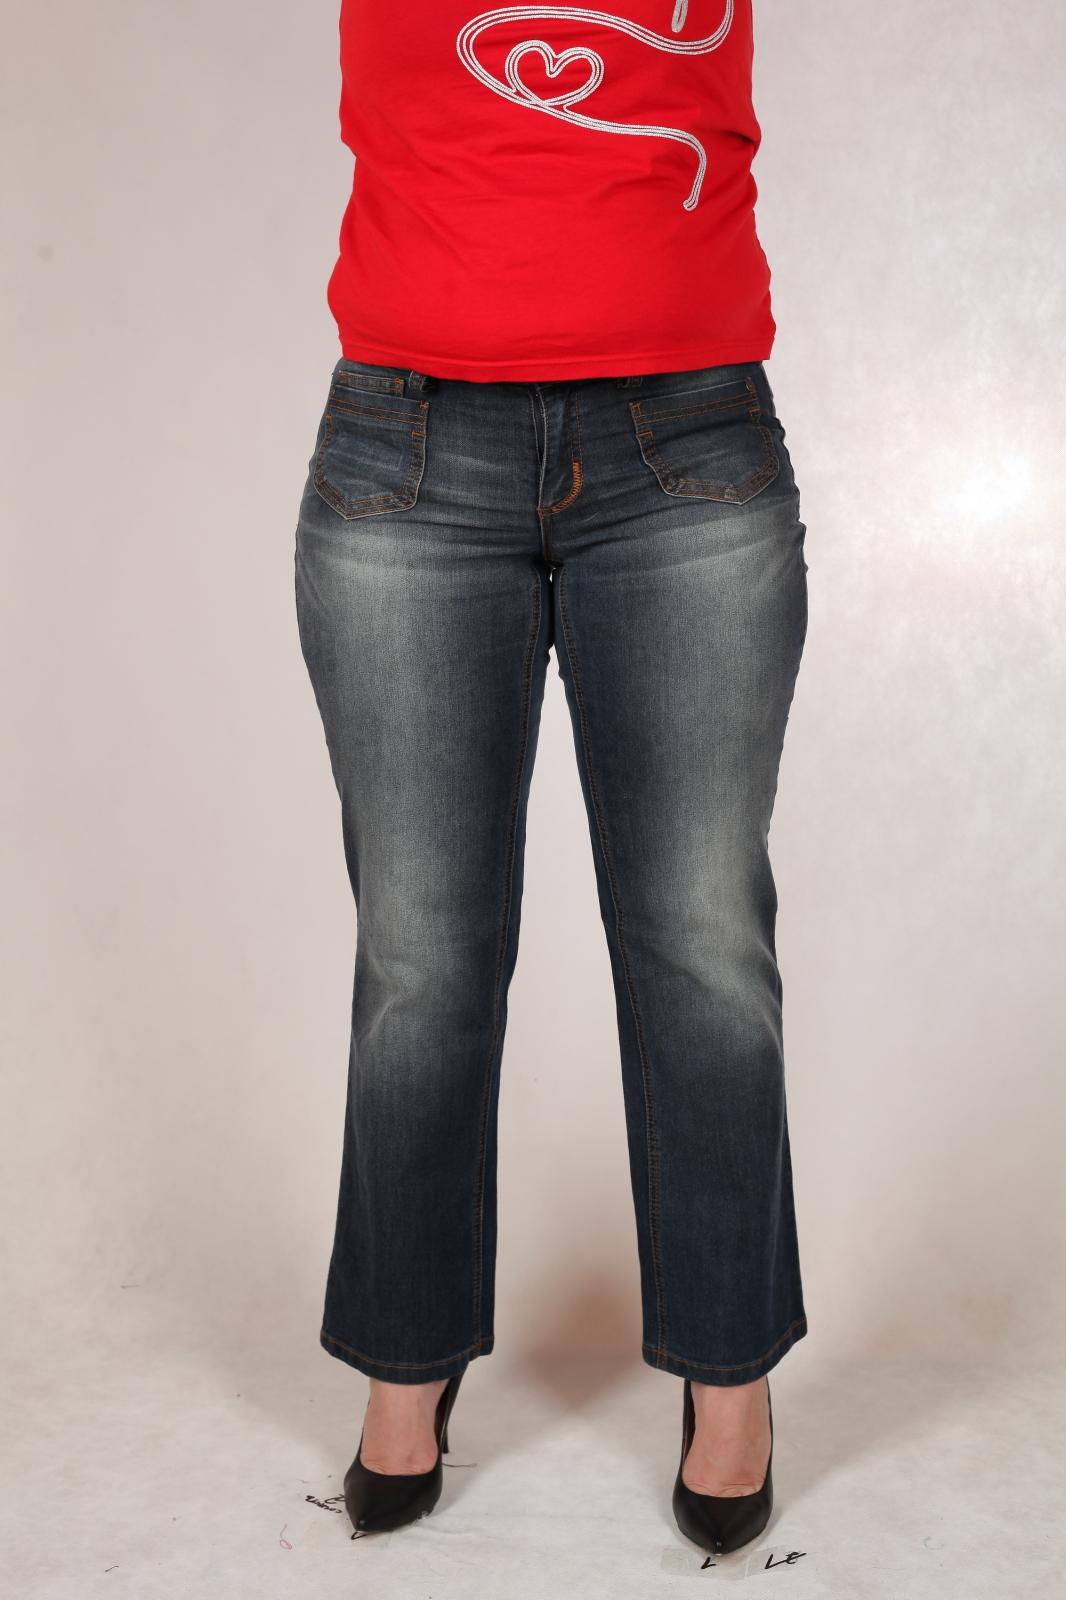 Женские джинсы для тебя! Все размеры. Заходи!